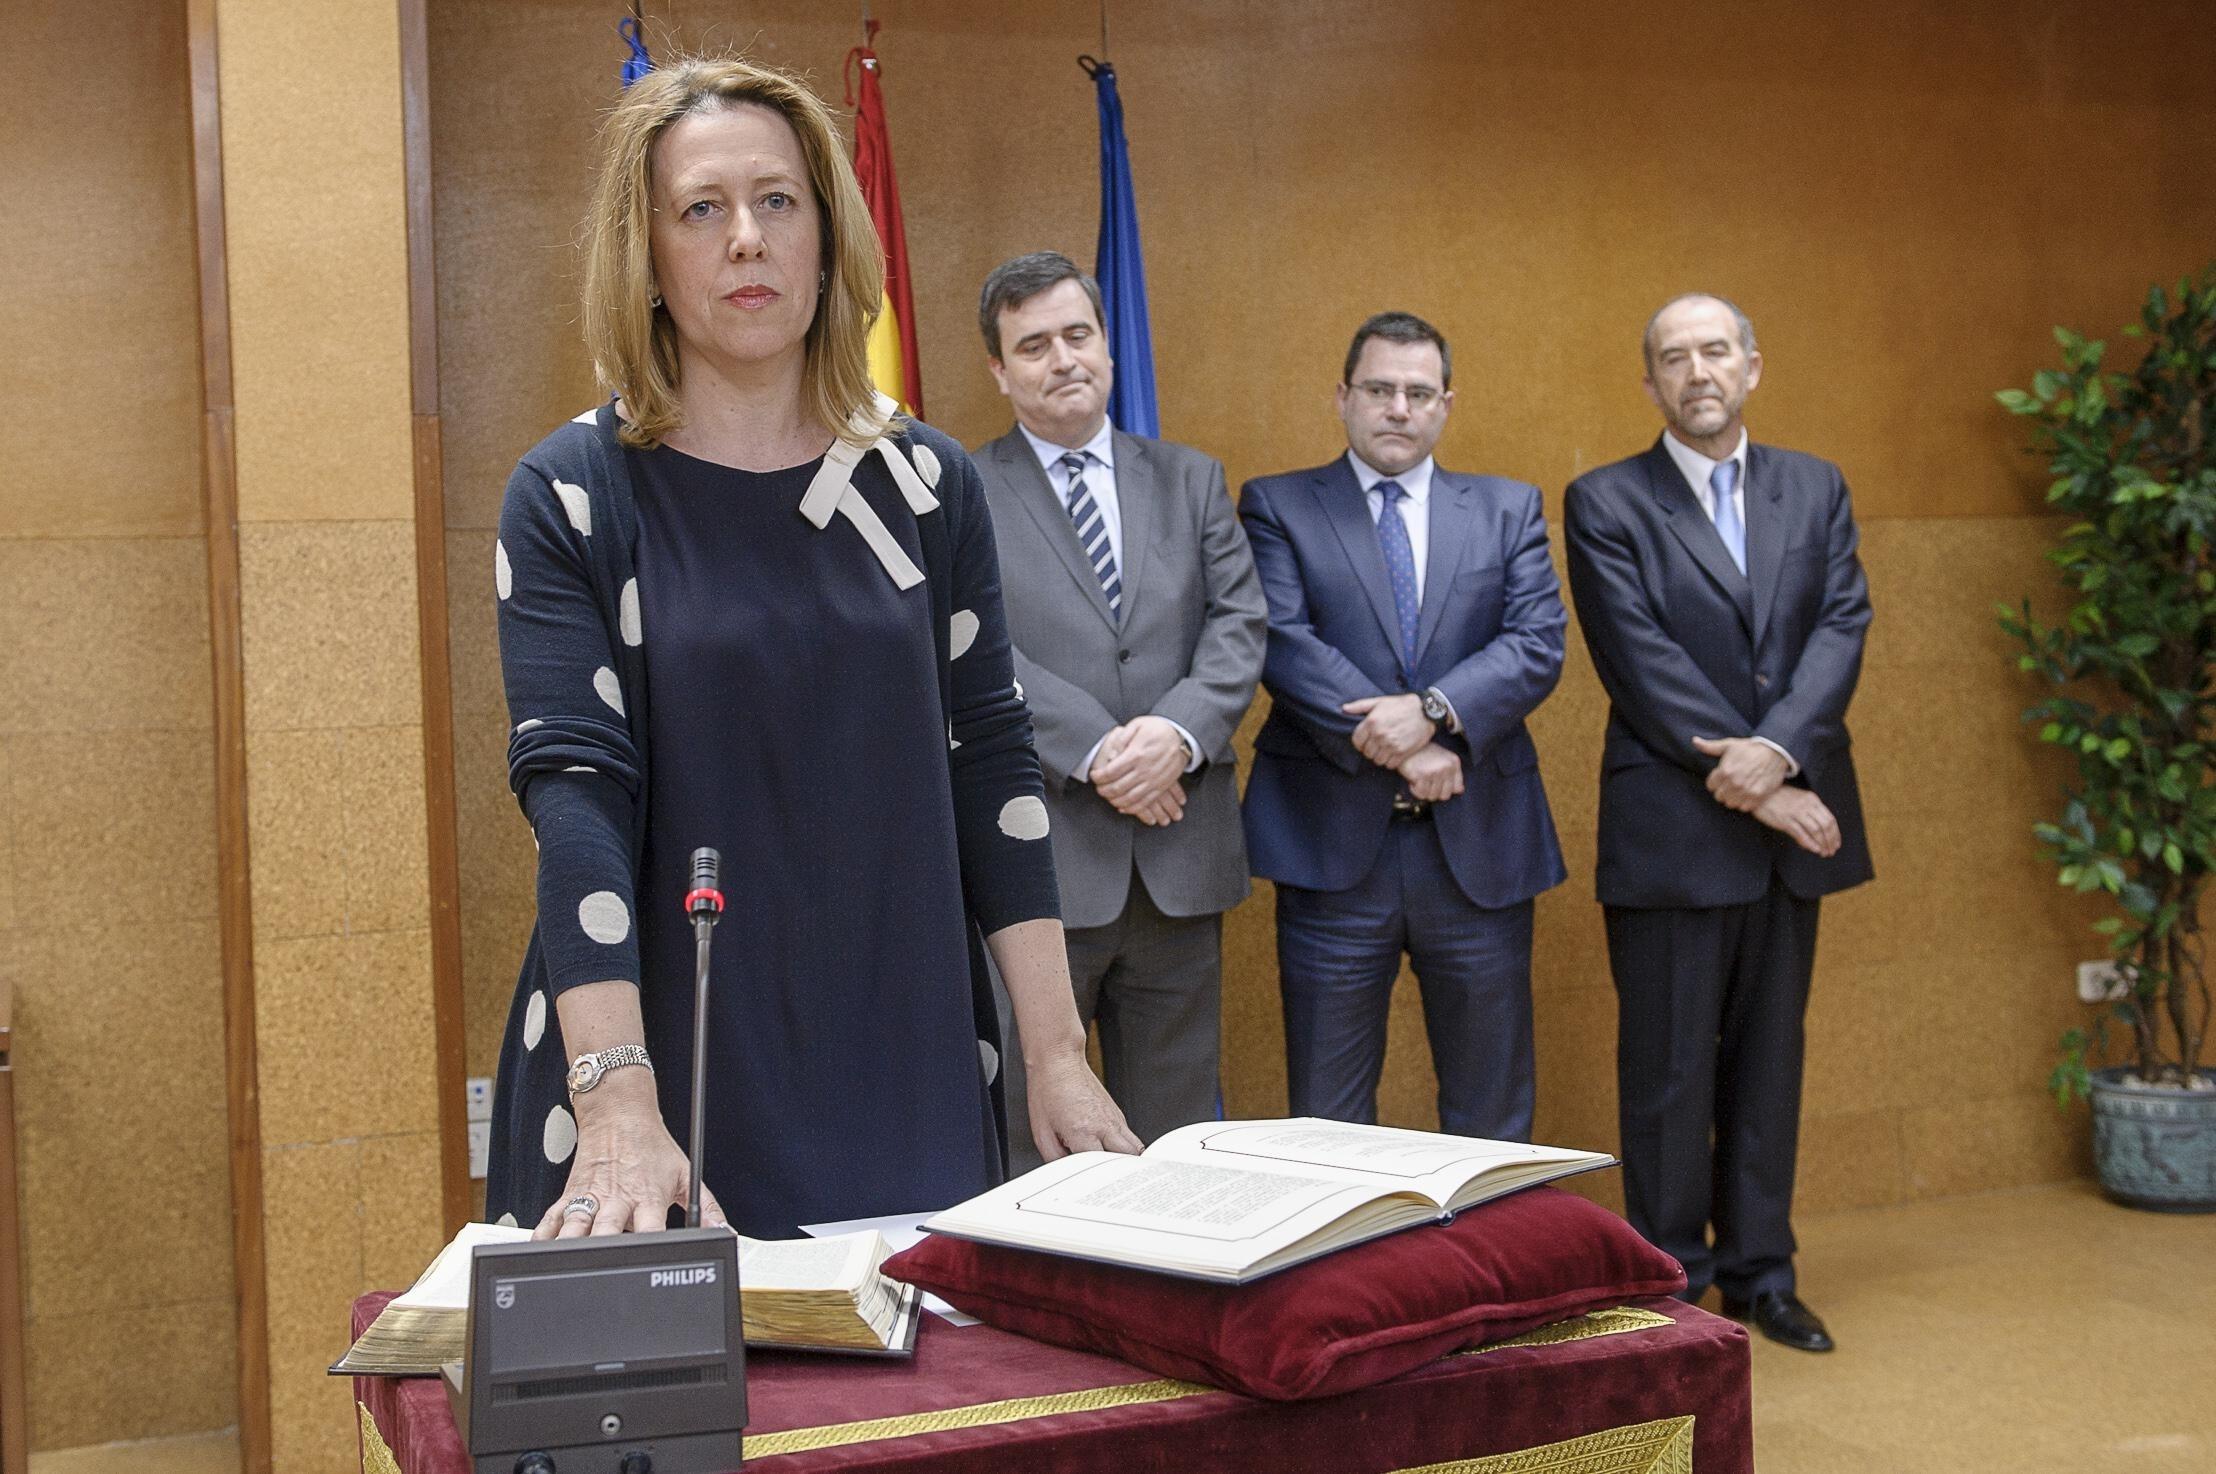 Dopaje. El Congreso aprueba definitivamente la Ley Antidopaje con el voto en contra de ERC y la abstención de CiU y PNV